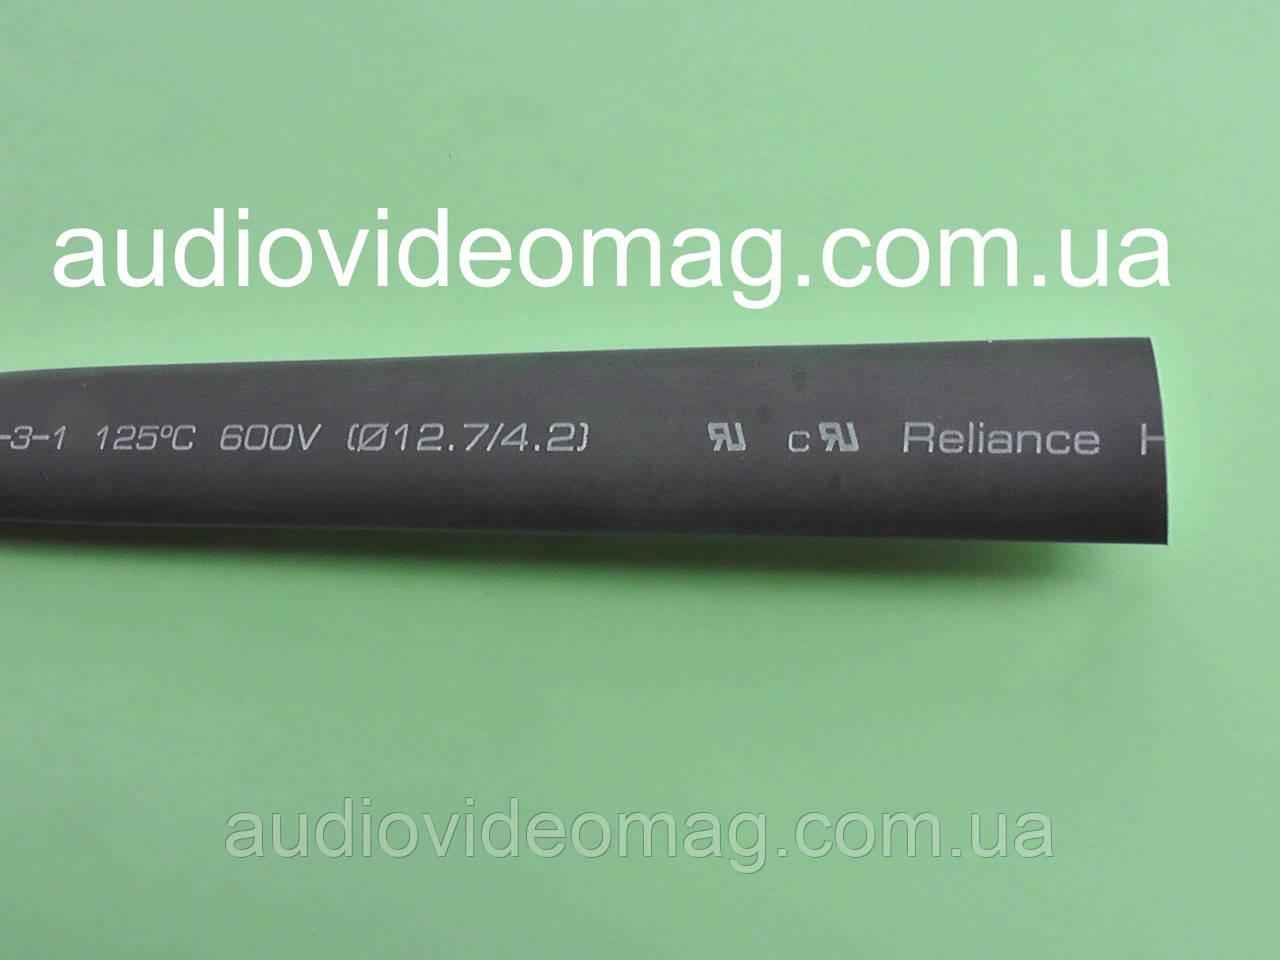 Термоусадочная трубка с клеевым слоем (3:1) - 12.7/4.2 мм, 1 метр, черная